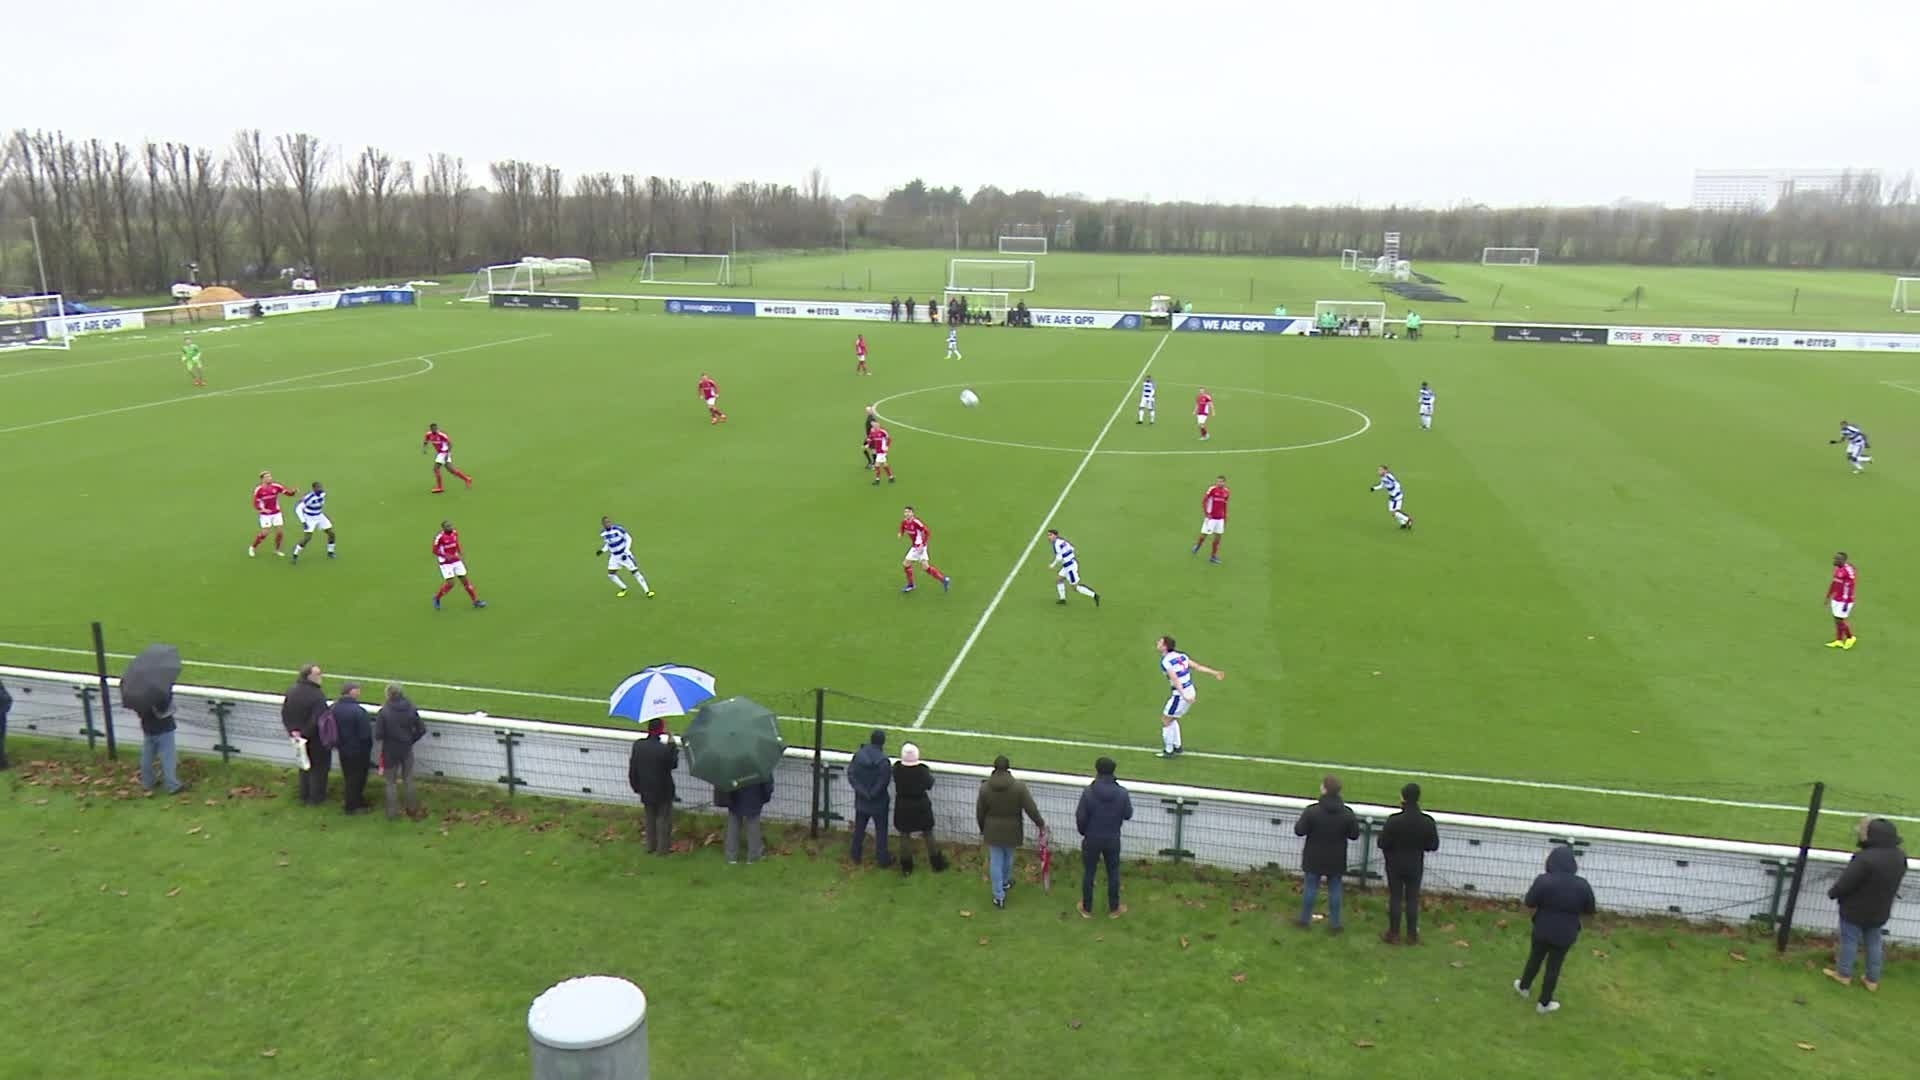 U23 HIGHLIGHTS | QPR 3 Charlton 6